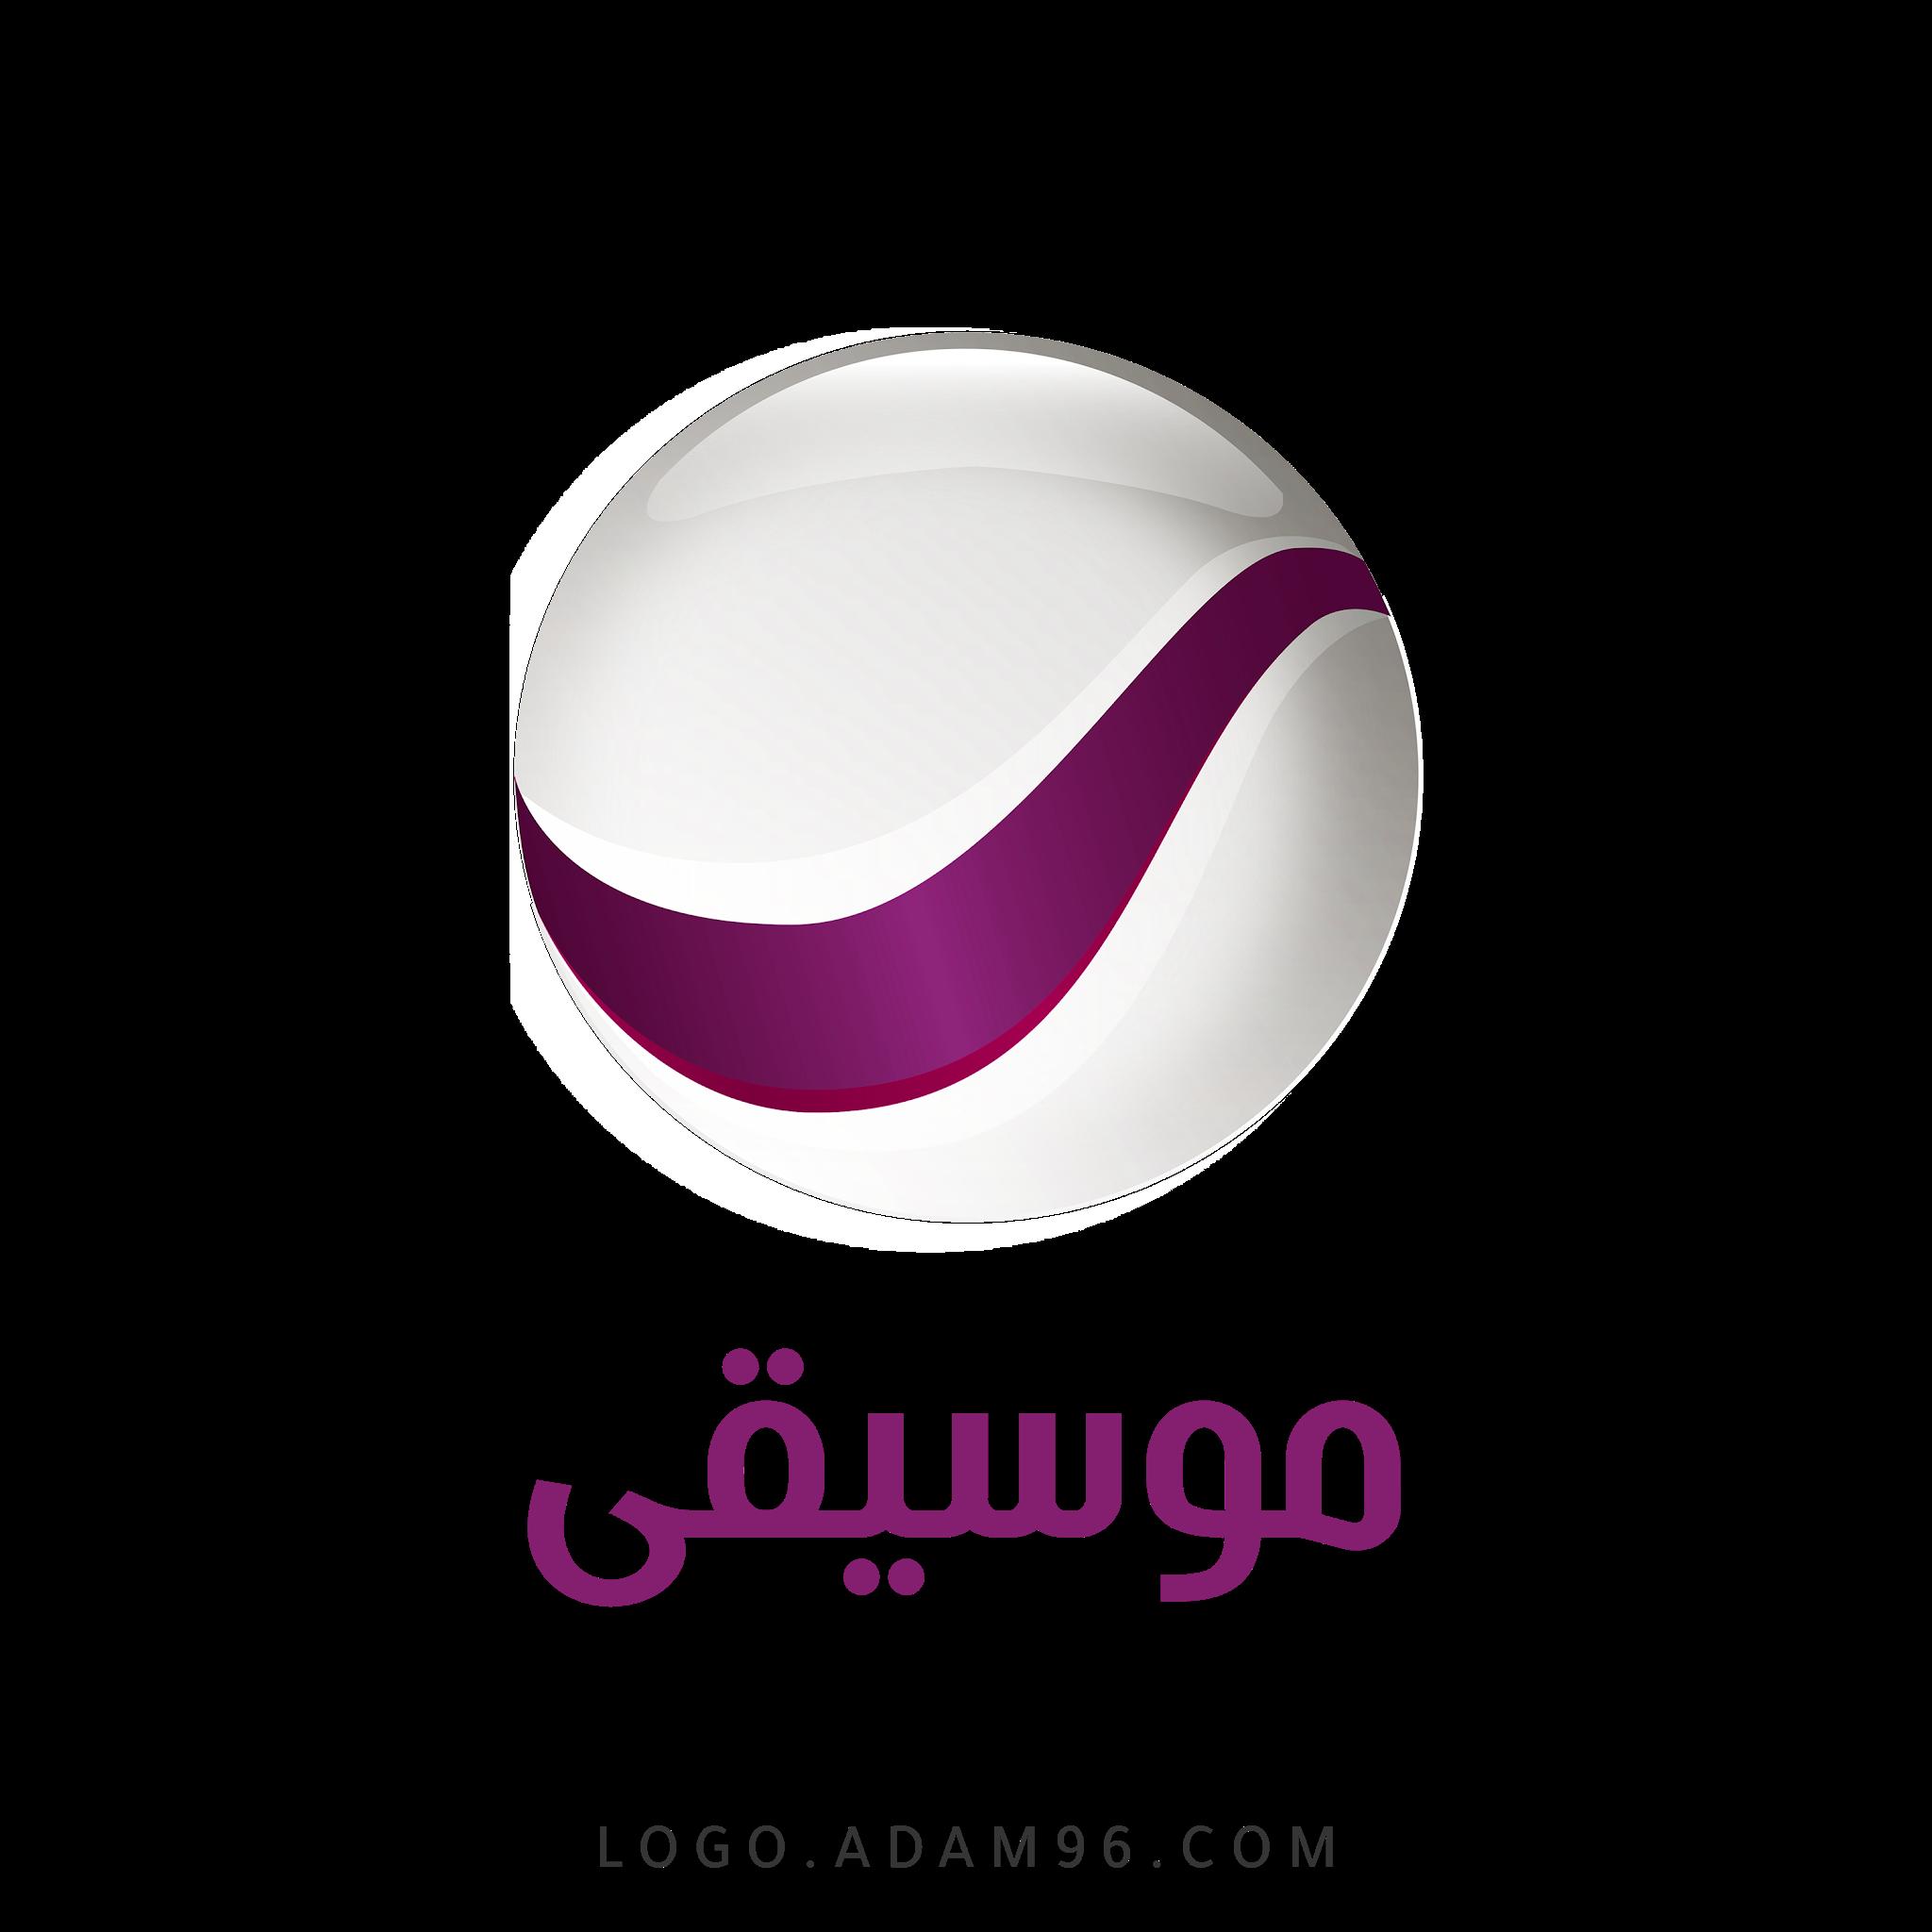 تحميل شعار قناة روتانا موسيقى لوجو رسمي عالي الجودة PNG